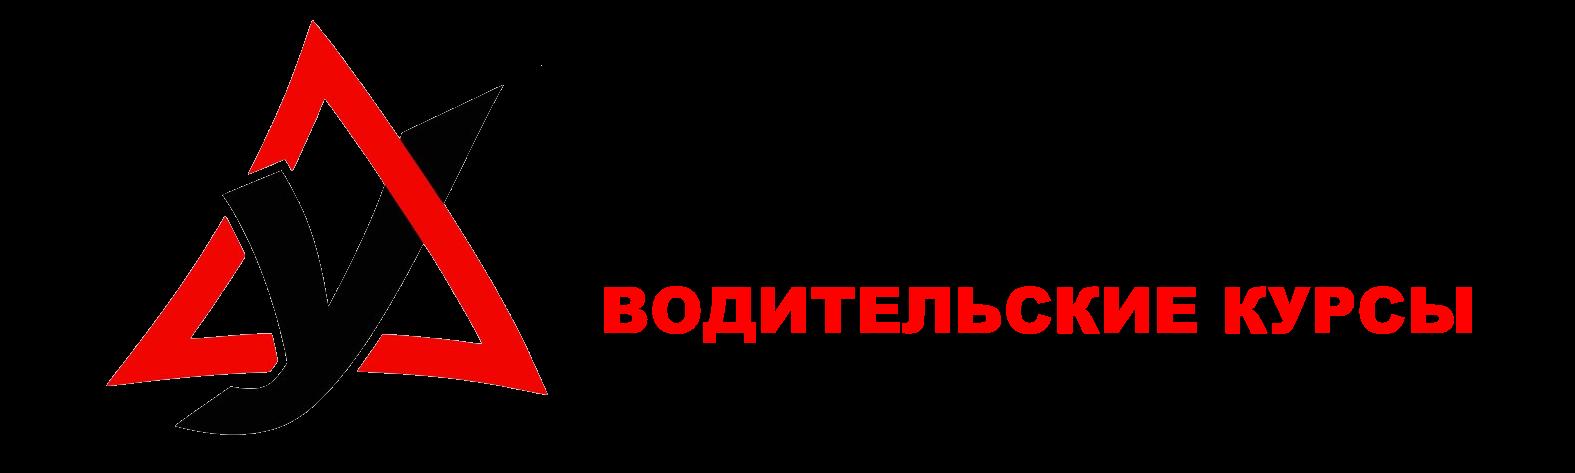 Автошколы